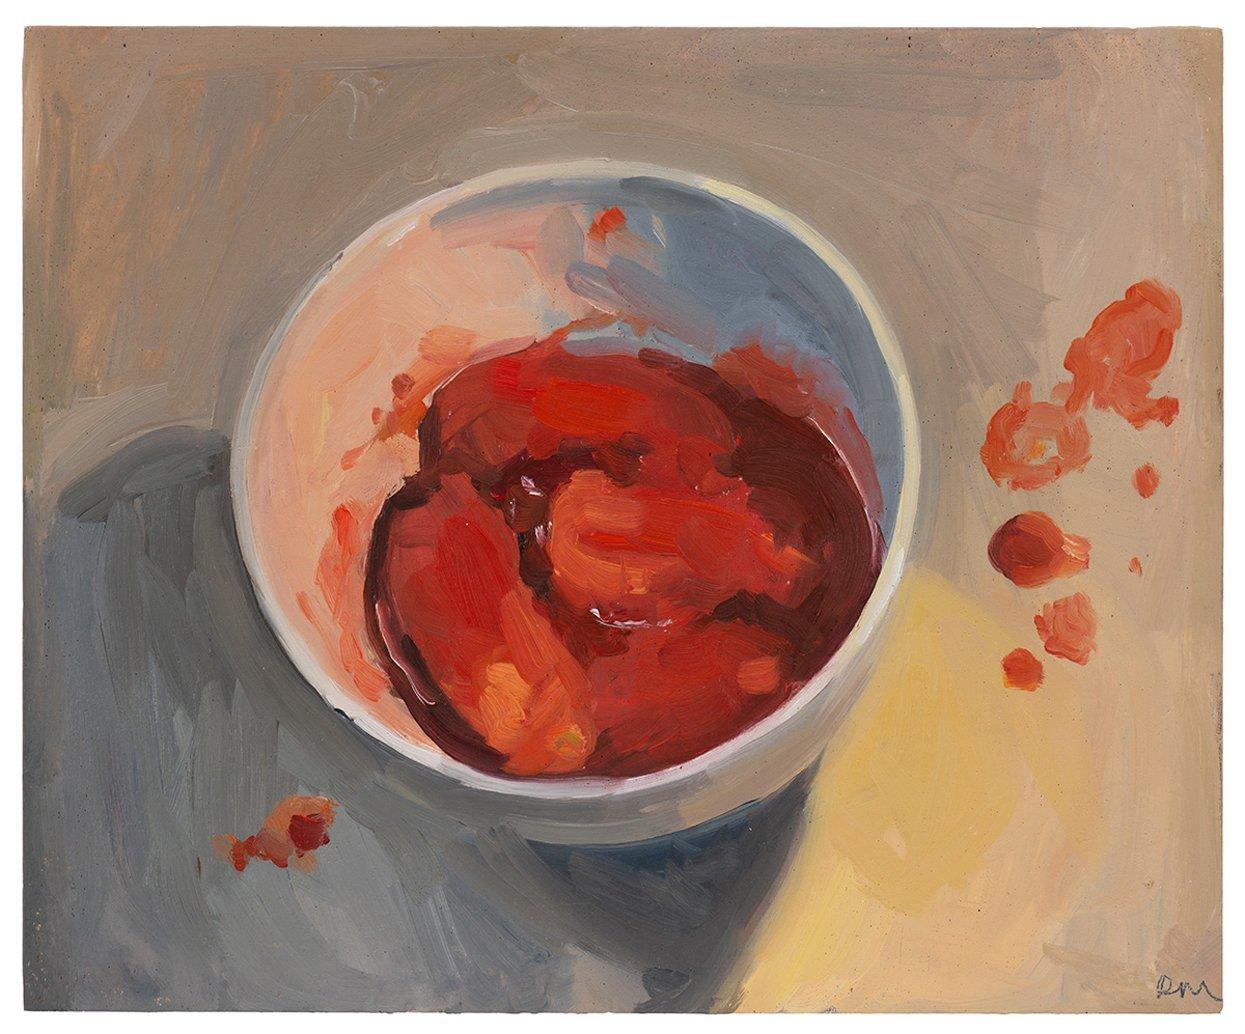 'Tinned Tomato 2020', 23x28, $1500